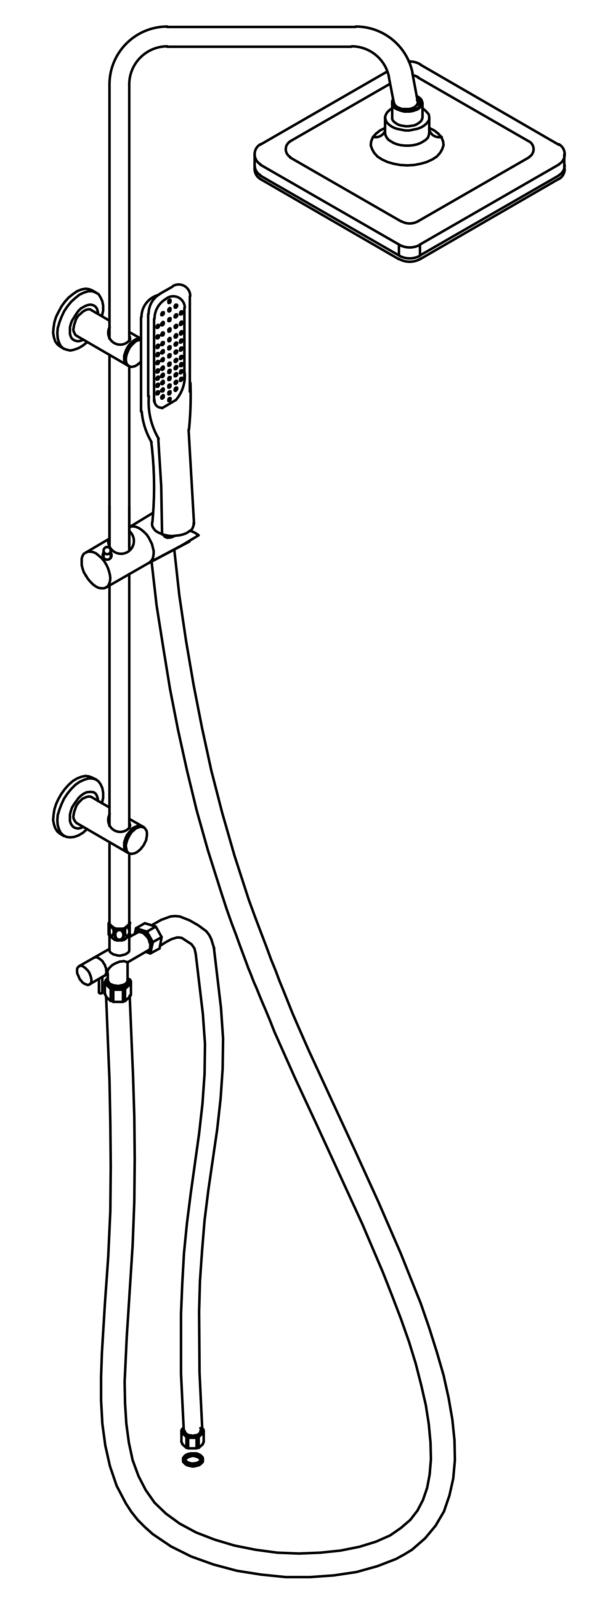 disegno tecnico colonna doccia a ponte soffione cervicale rettangolare e doccino